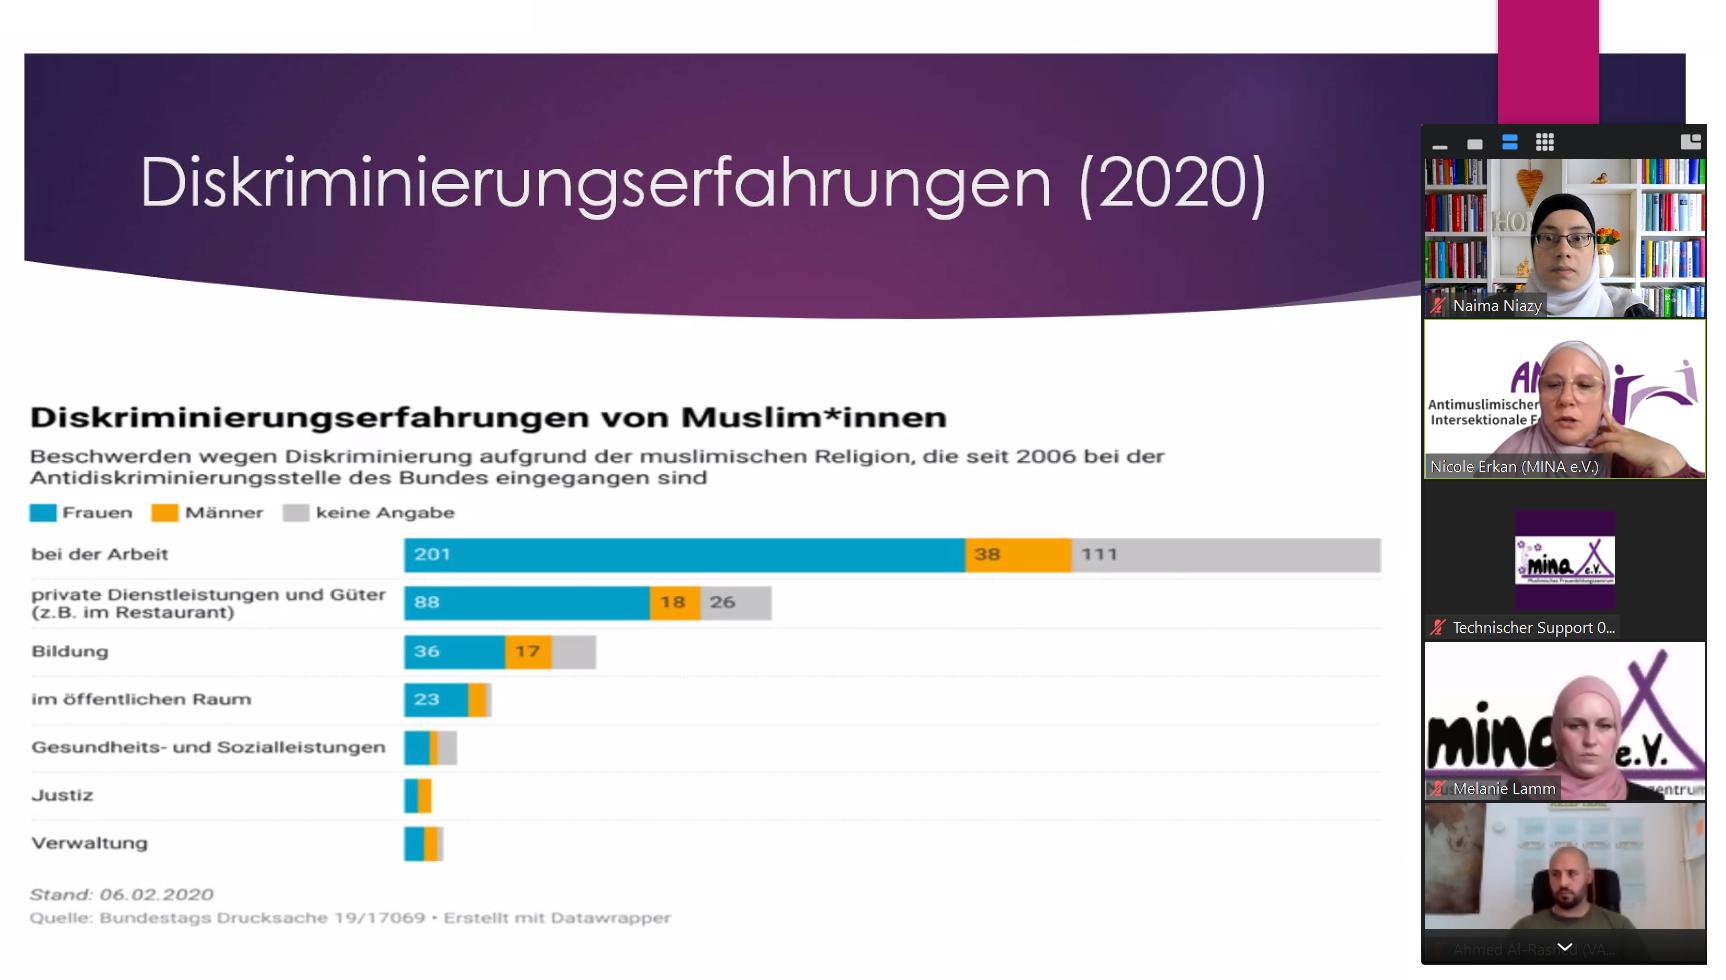 Online-Fachtag Antimuslimischer Rassismus von Mina e.V.